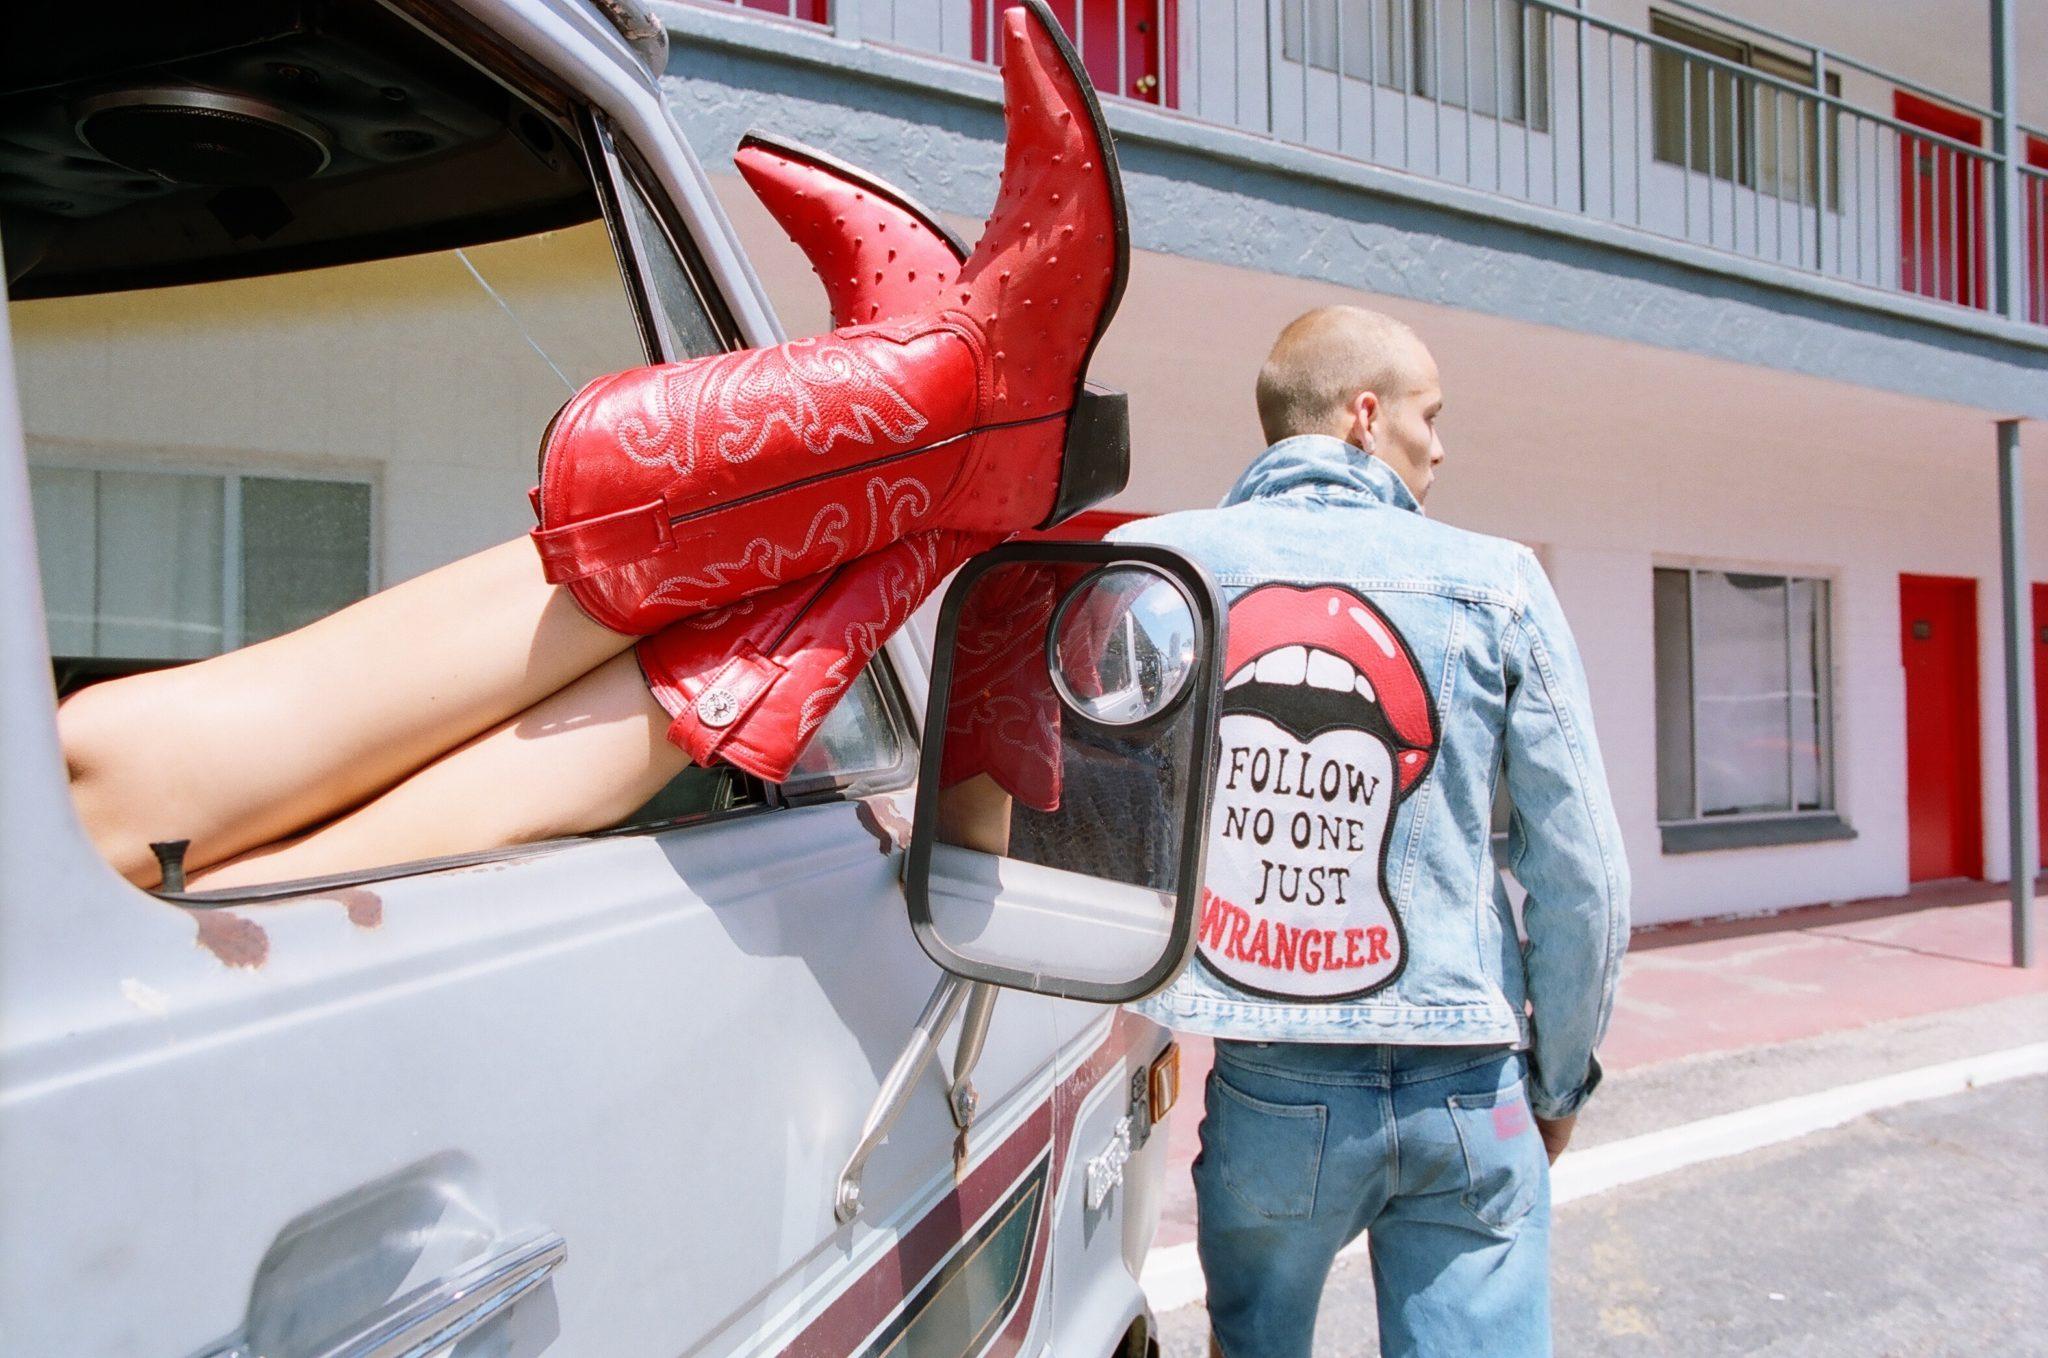 Czerwone kowbojki wystające z vana i chłopak w jeansowej kurtce z językiem